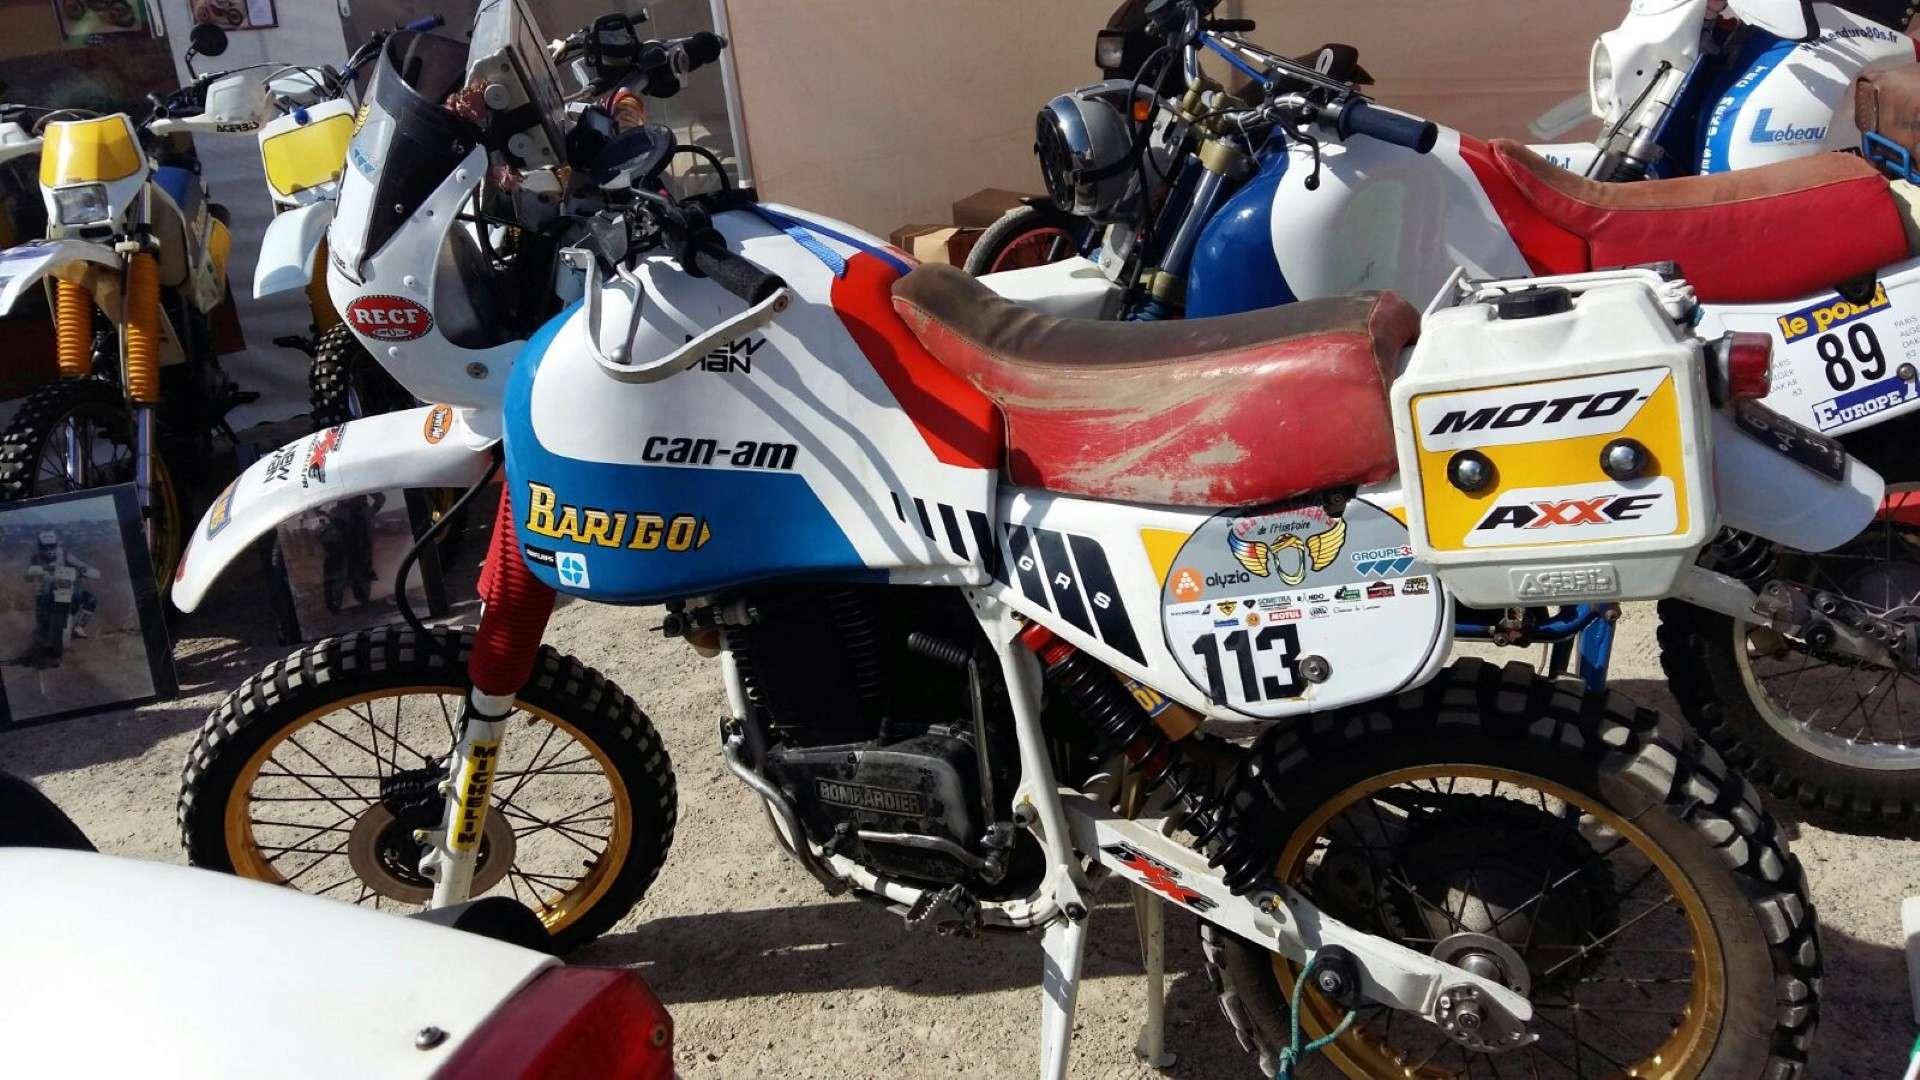 BARIGO  vous vous souvenez ? Barigo79